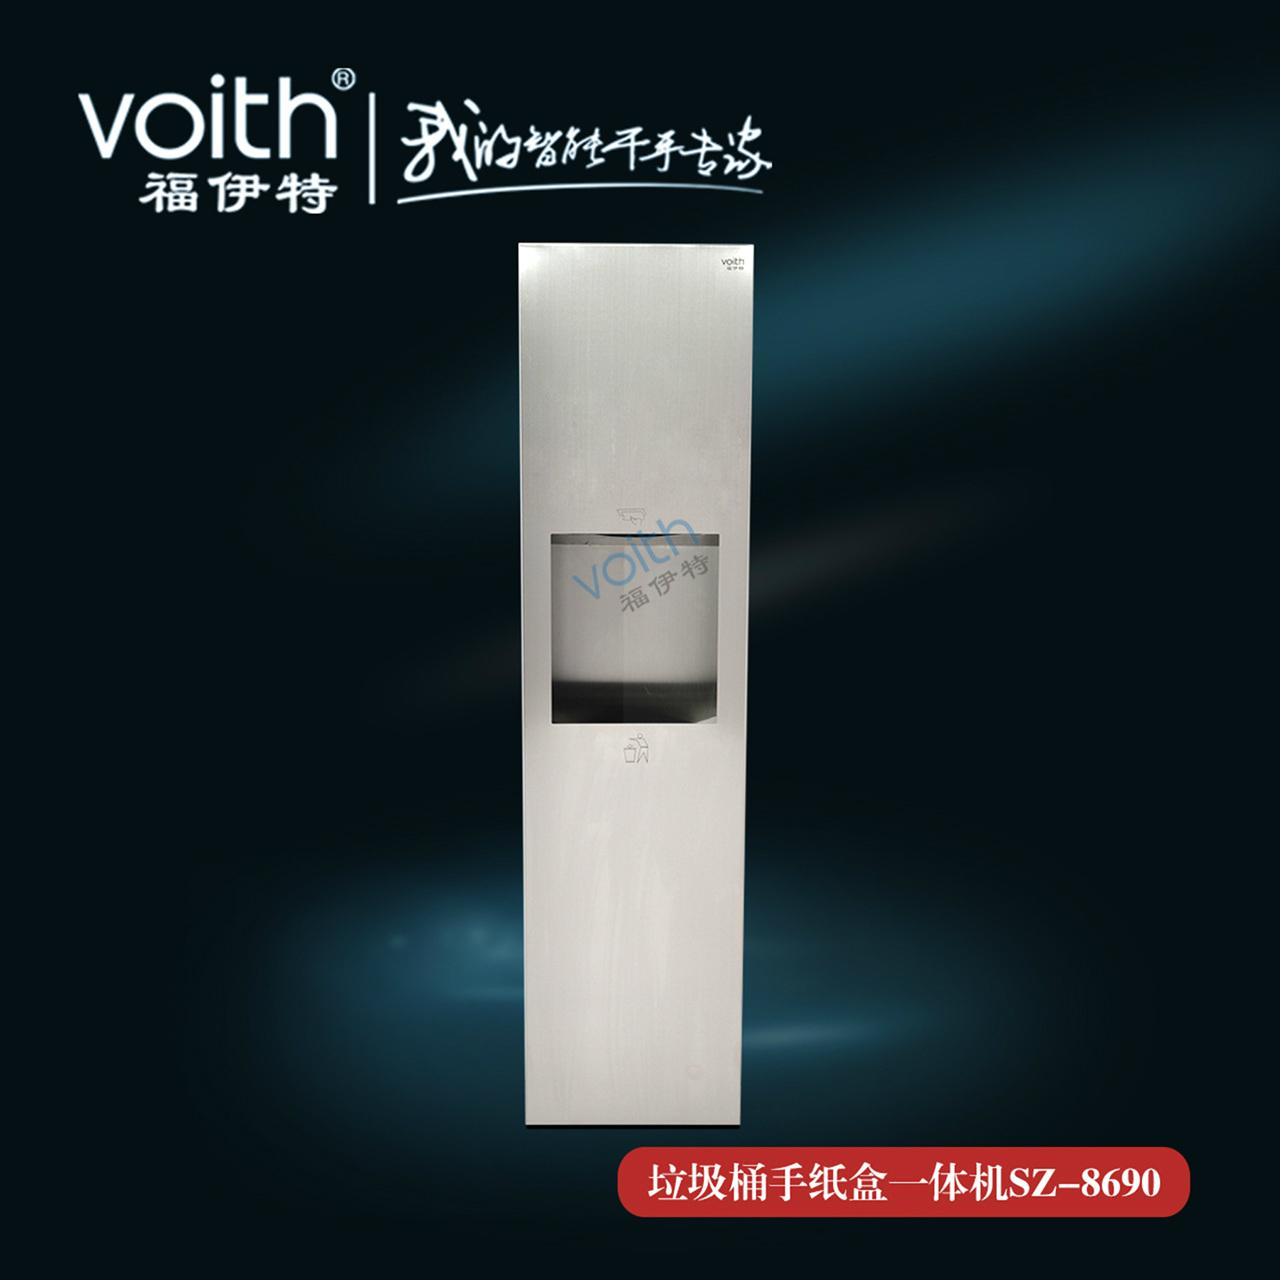 深圳304不鏽鋼入牆式二合一抽紙箱SZ-8690 4